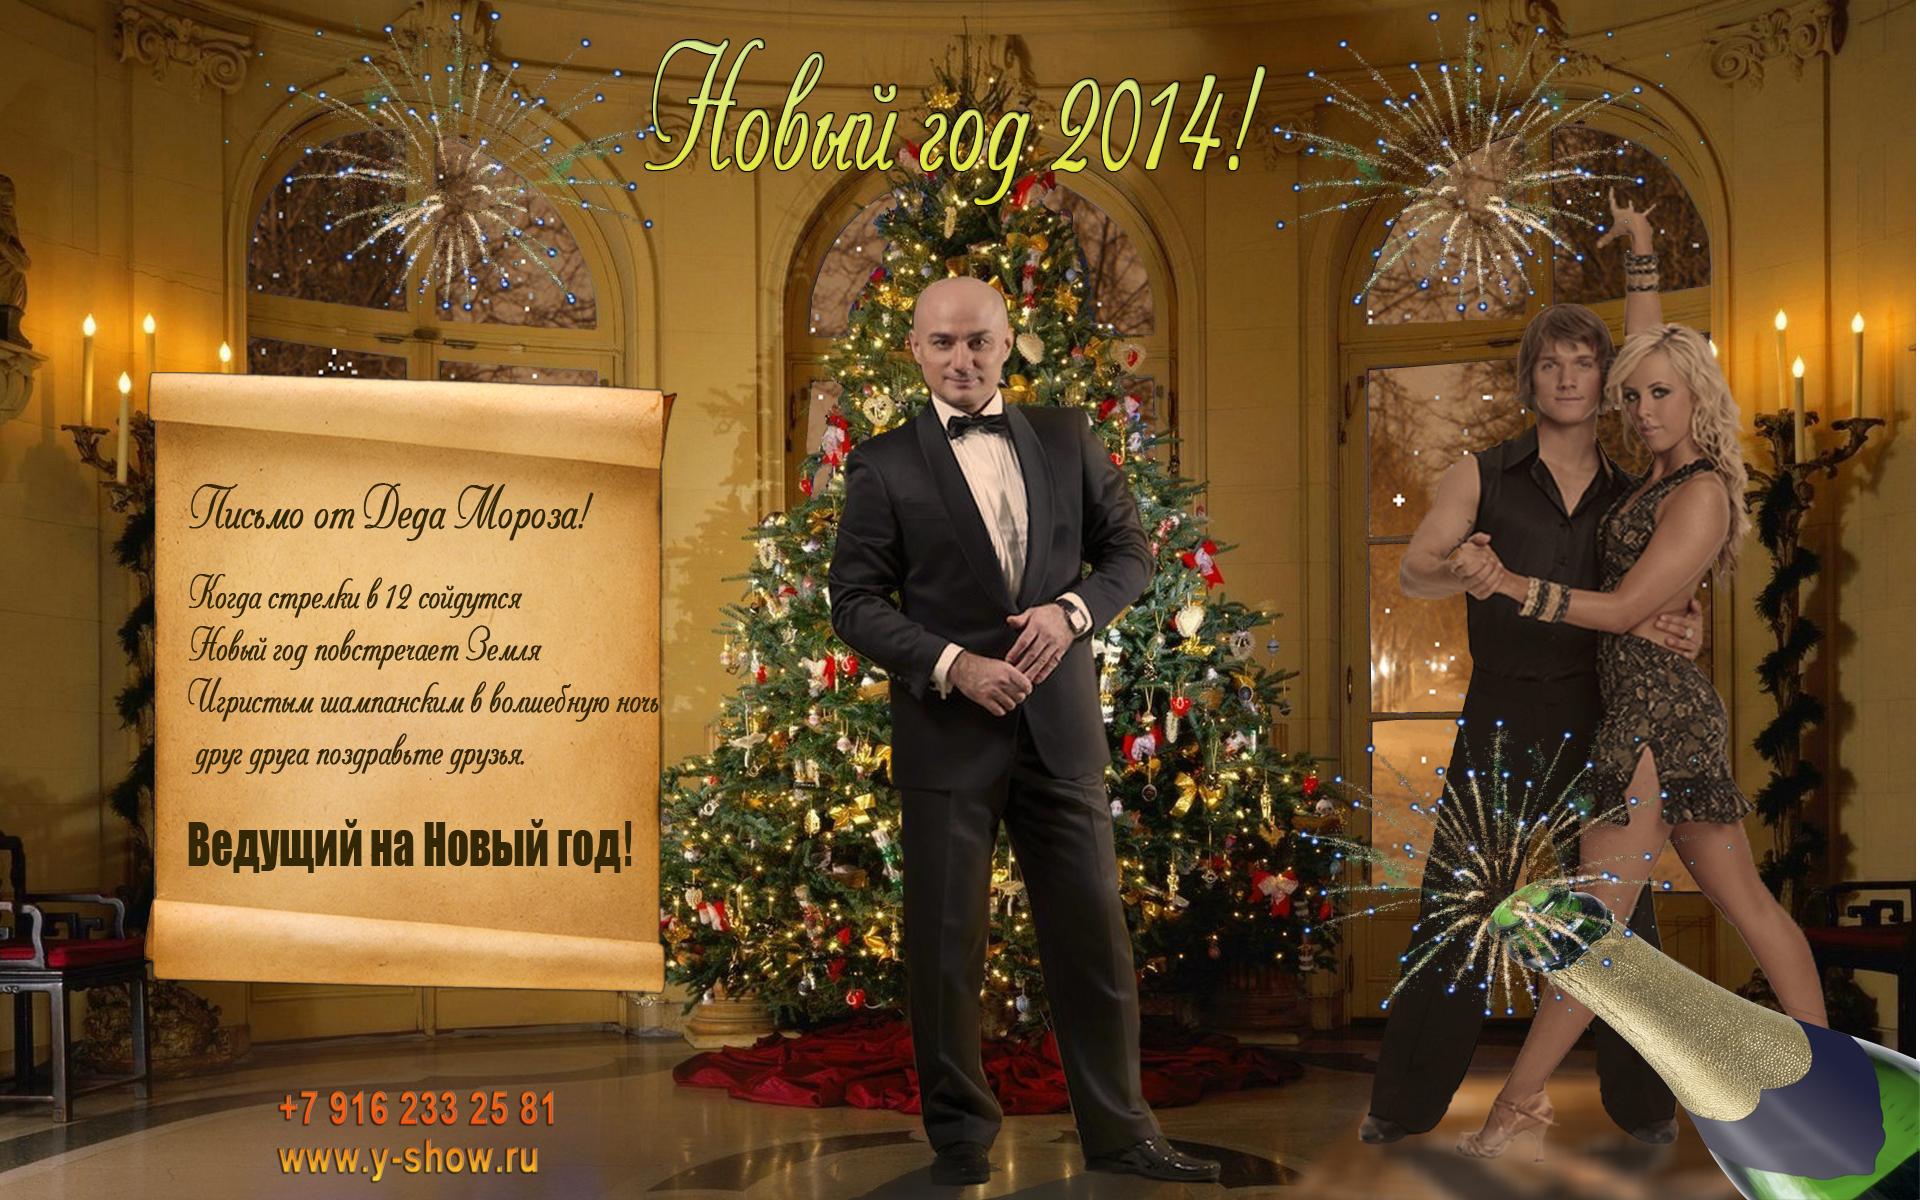 Сценарии для ведущего нового года